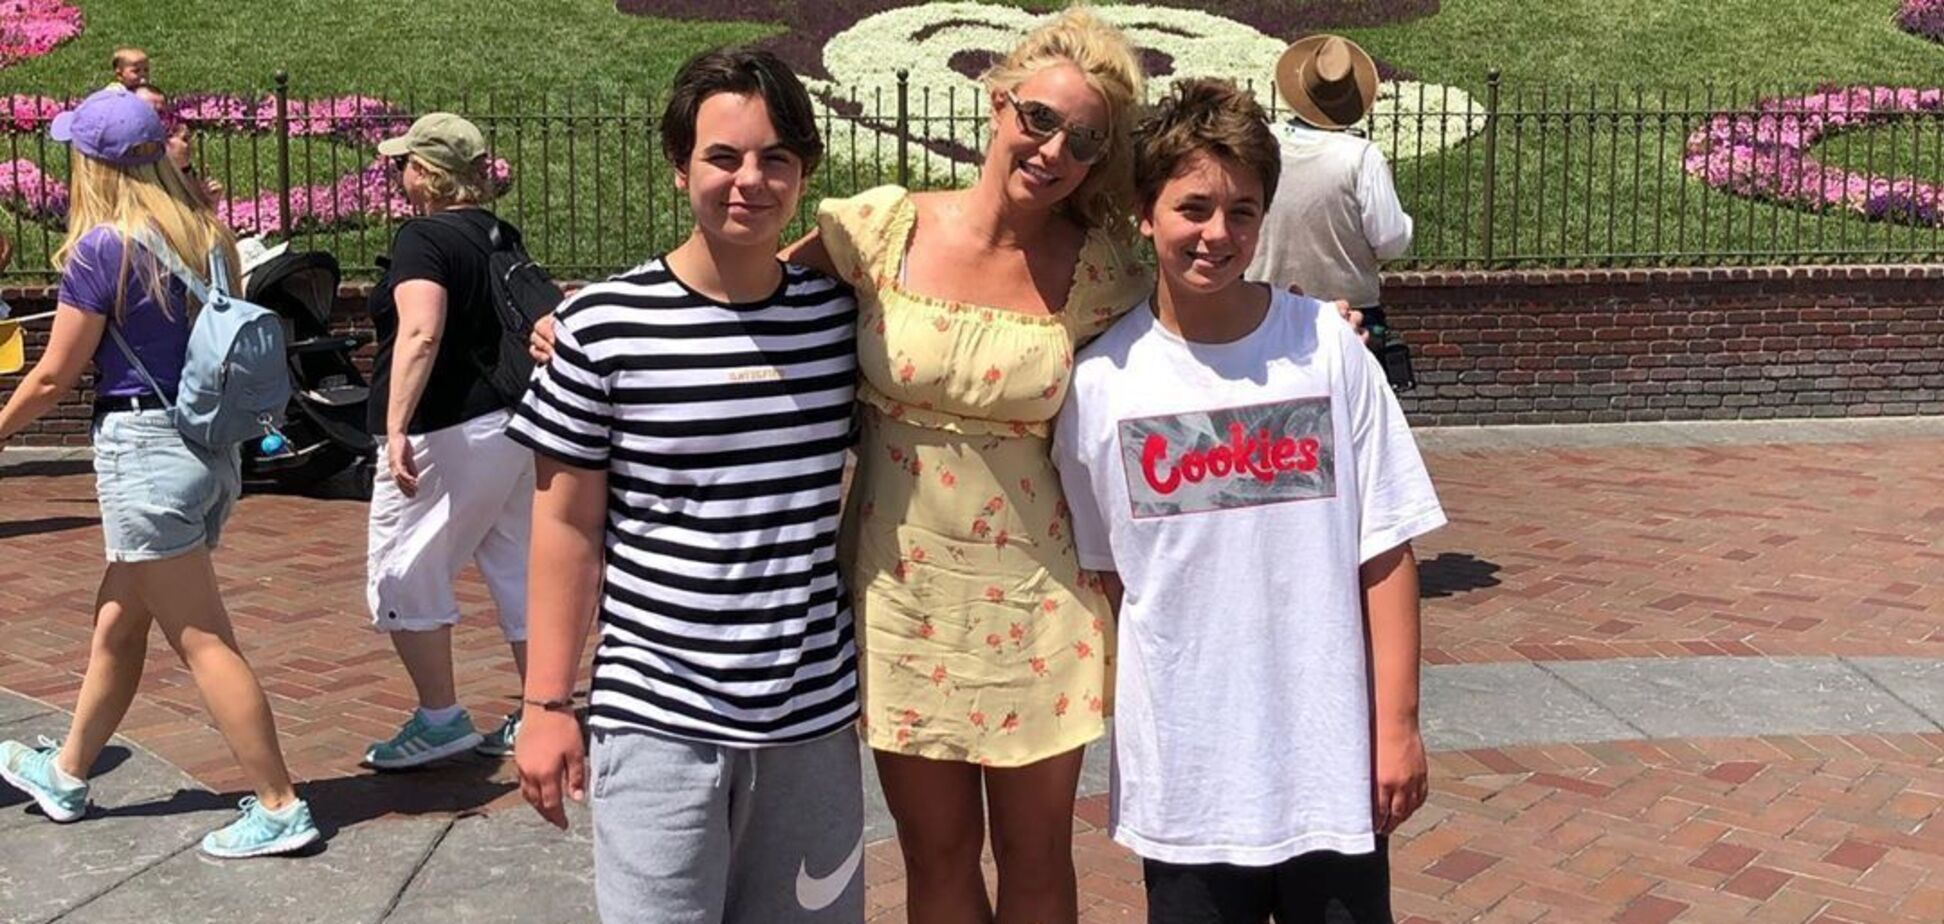 Брітні Спірс показала рідкісне фото з підрослими синами